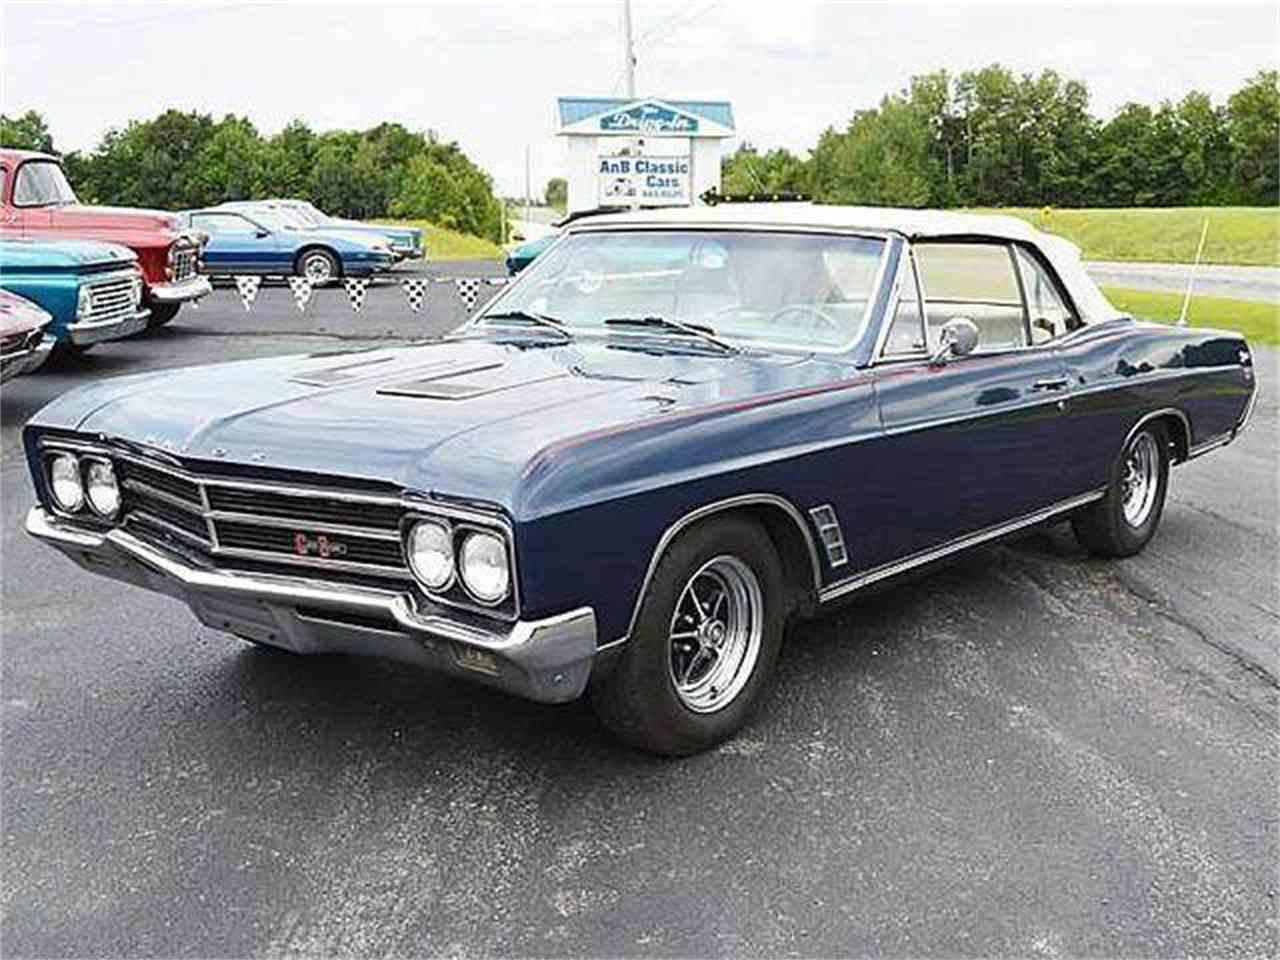 For Sale: 1966 Buick Skylark in Malone, New York